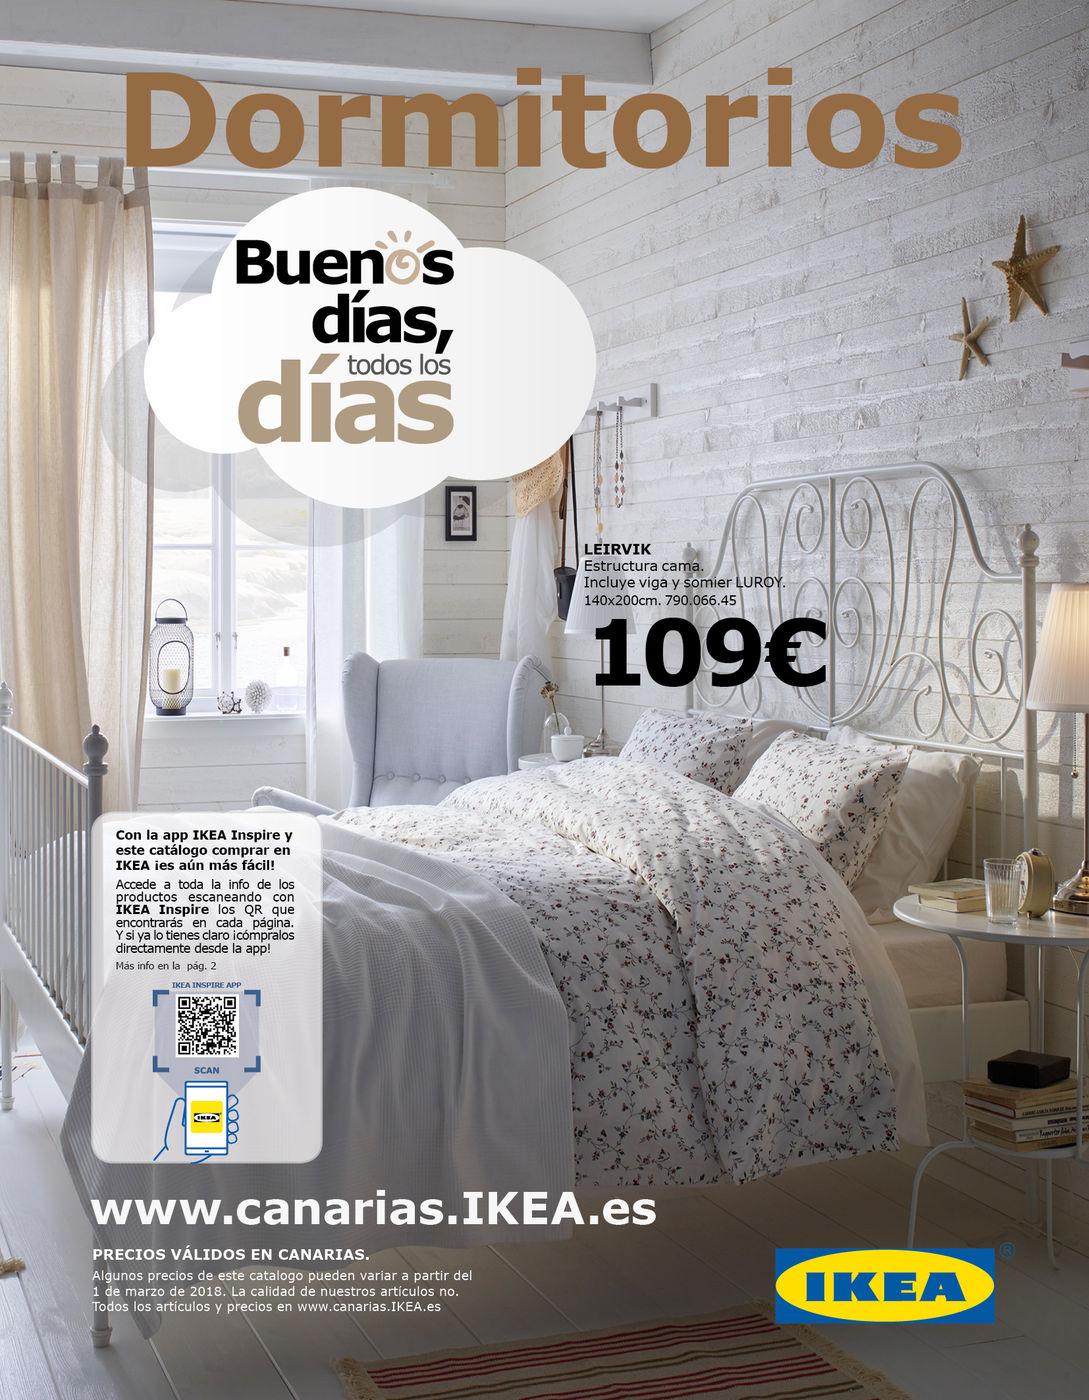 Catalogo Distribucion Oct Dormitorios 2018 Can - Catalogo-de-ikea-dormitorios